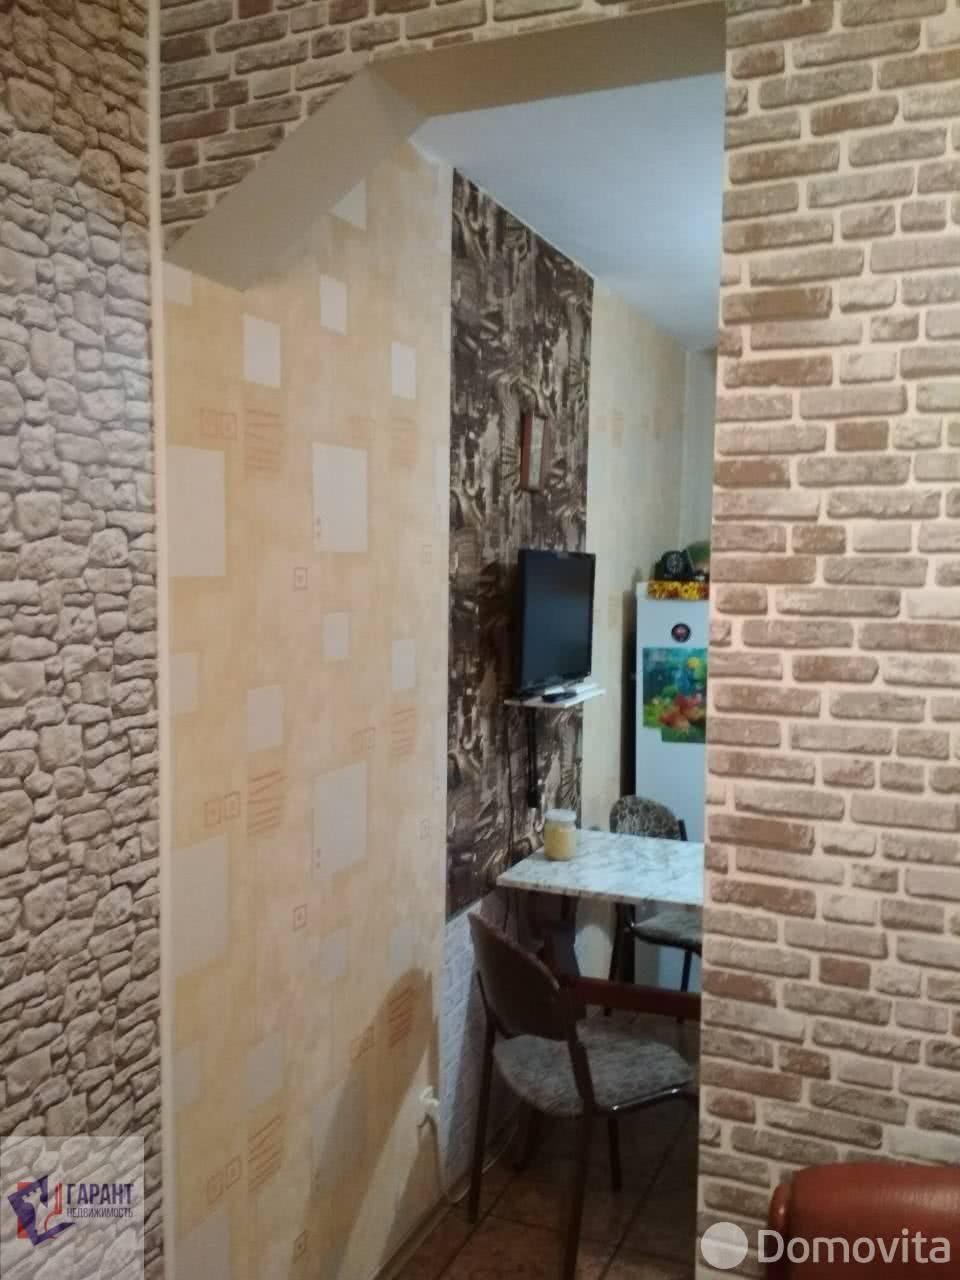 Купить 4-комнатную квартиру в Слониме, ул. Ершова, д. 16 - фото 5